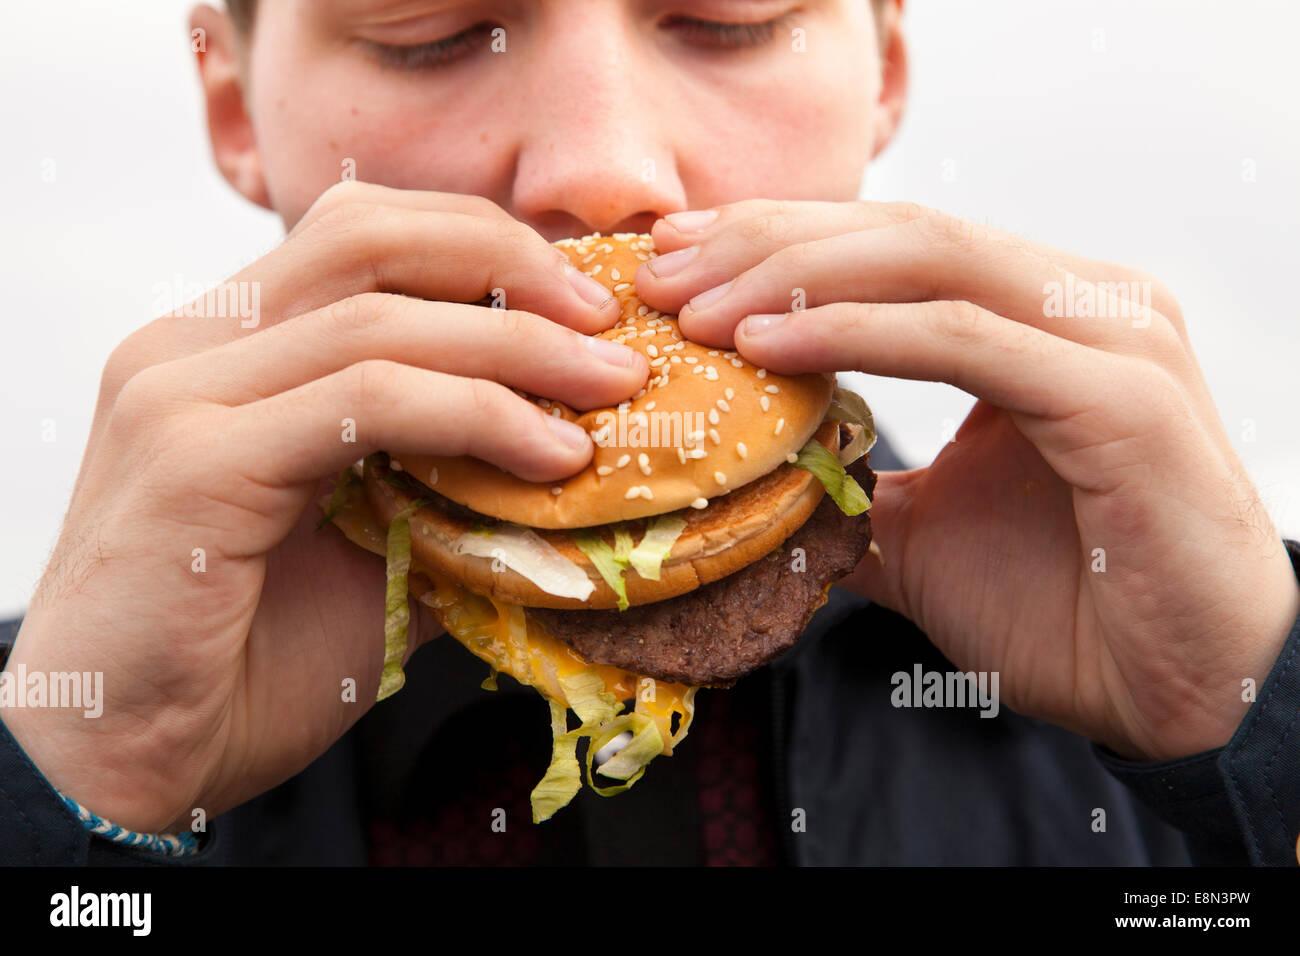 A teenager eating a McDonald's Big Mac burger. - Stock Image